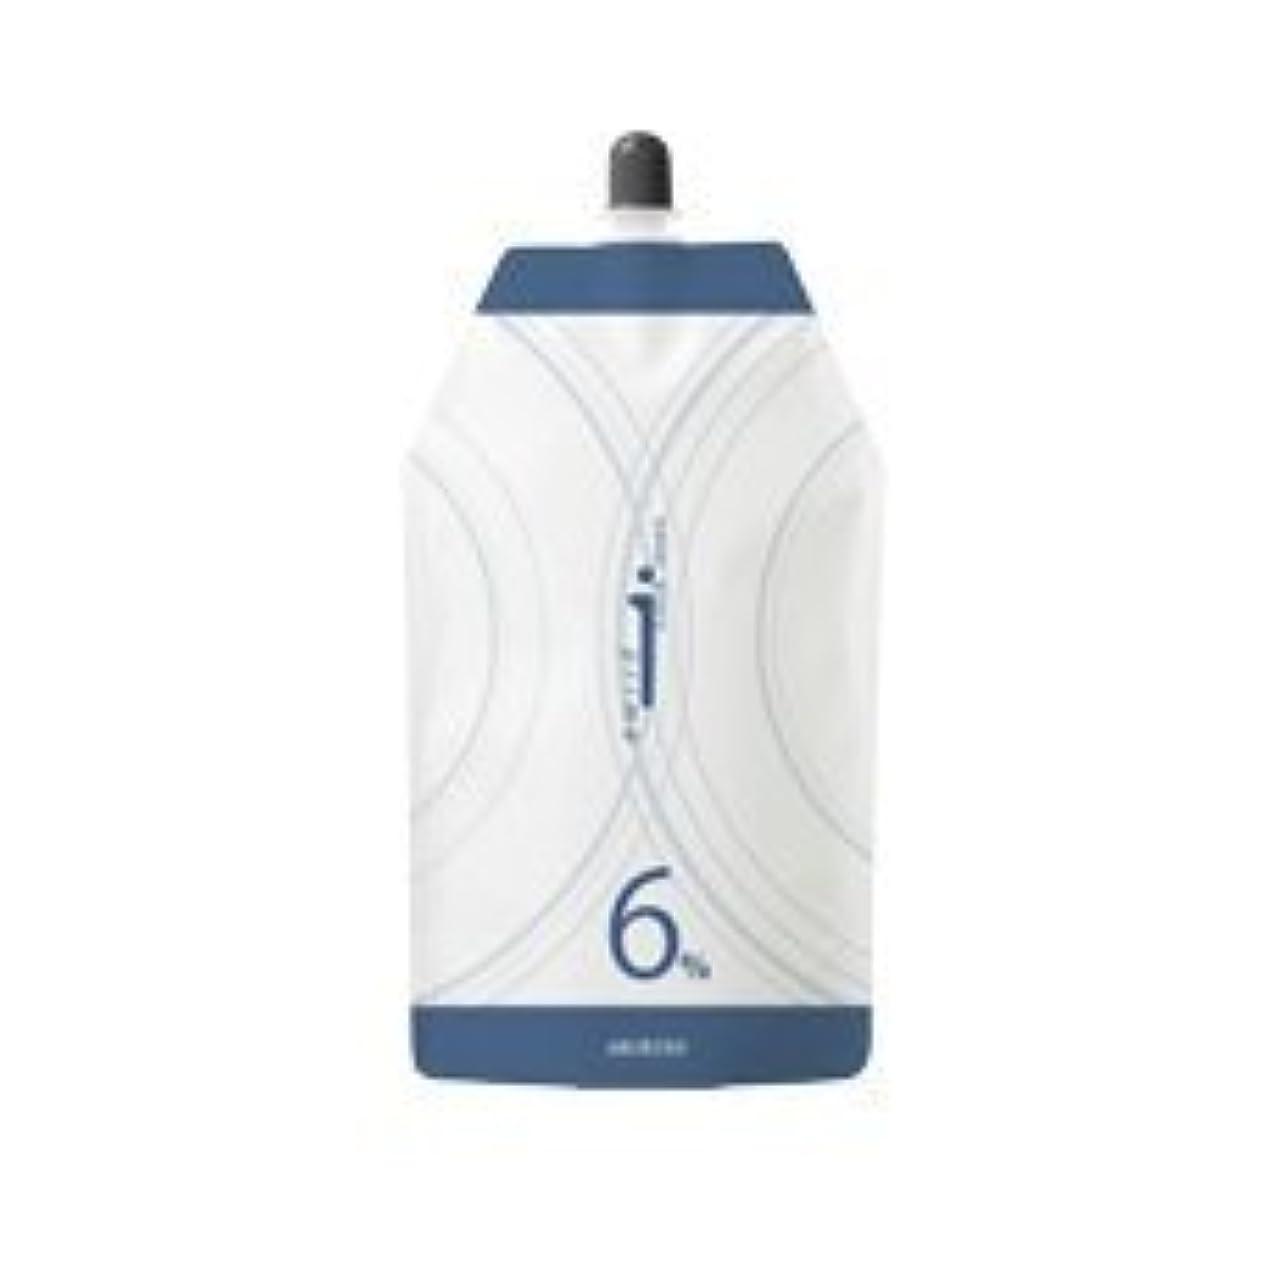 契約取り壊す汚れるアリミノ カラーストーリーiプライム ヘアカラー OX6% 1000g (ヘアカラー2剤)【業務用】【医薬部外品】